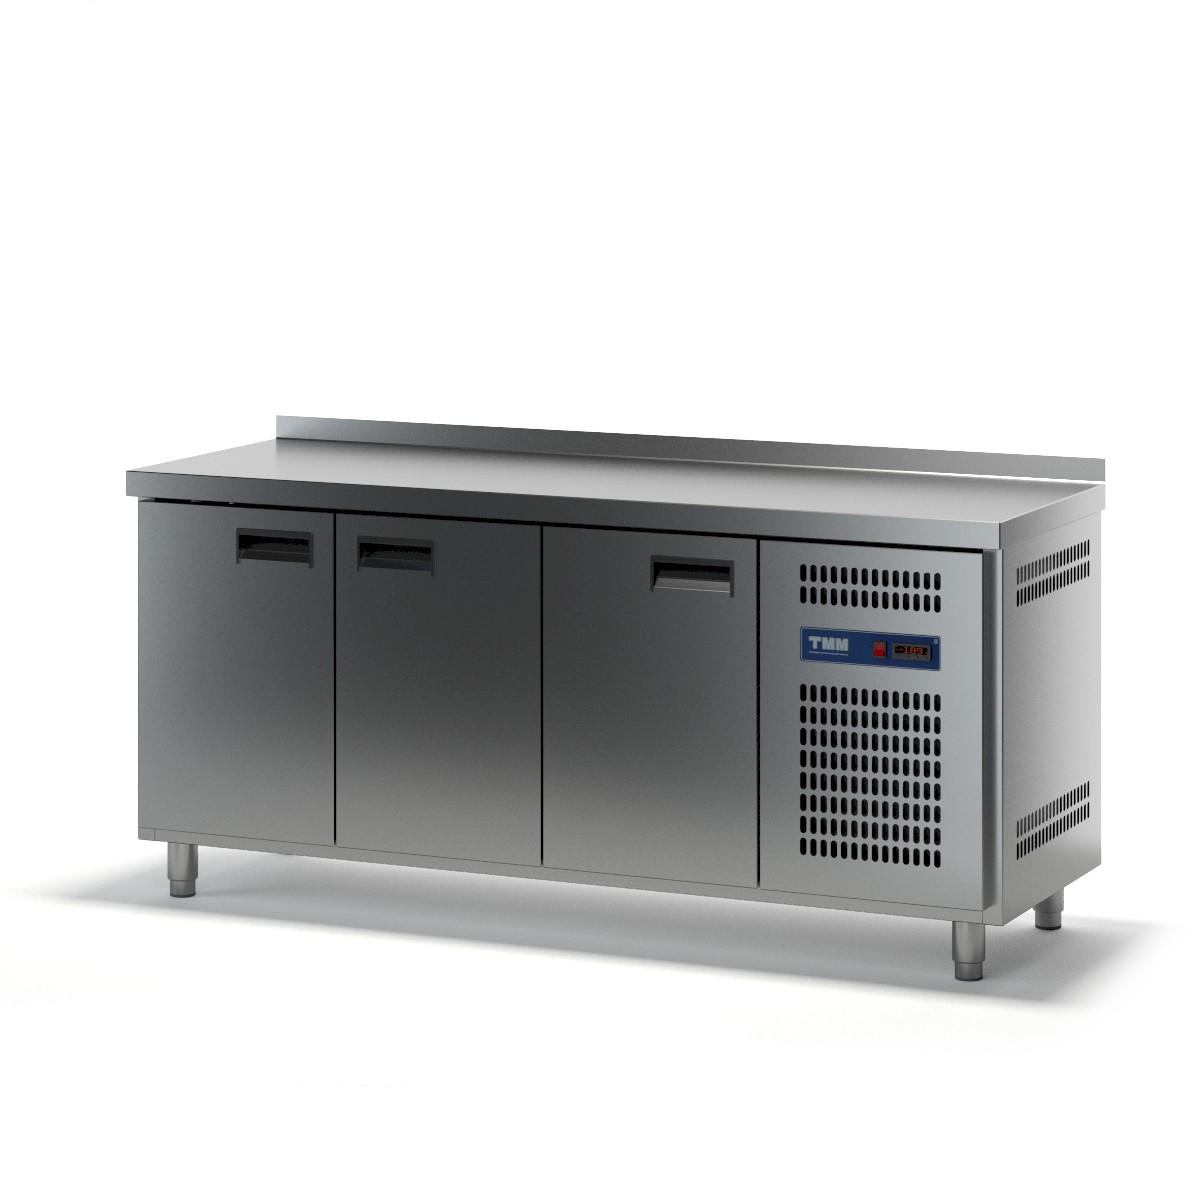 Стол холодильный трехдверный СХСБ-1/3Д 1835х700